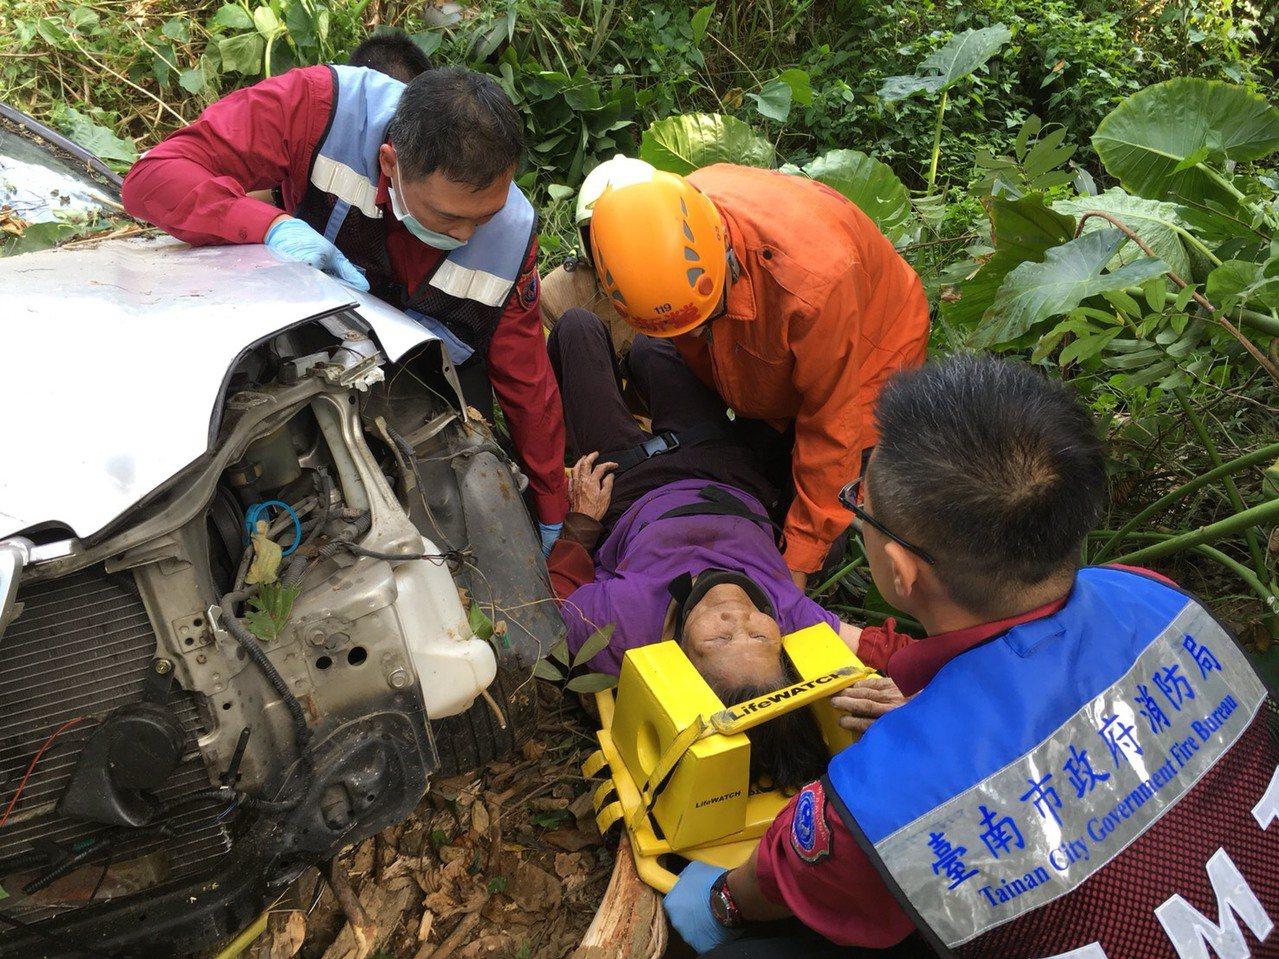 台南白河山區近午發生轎車衝入10公尺深野溪,所幸僅受輕傷,消防隊員忙救護送醫。記...